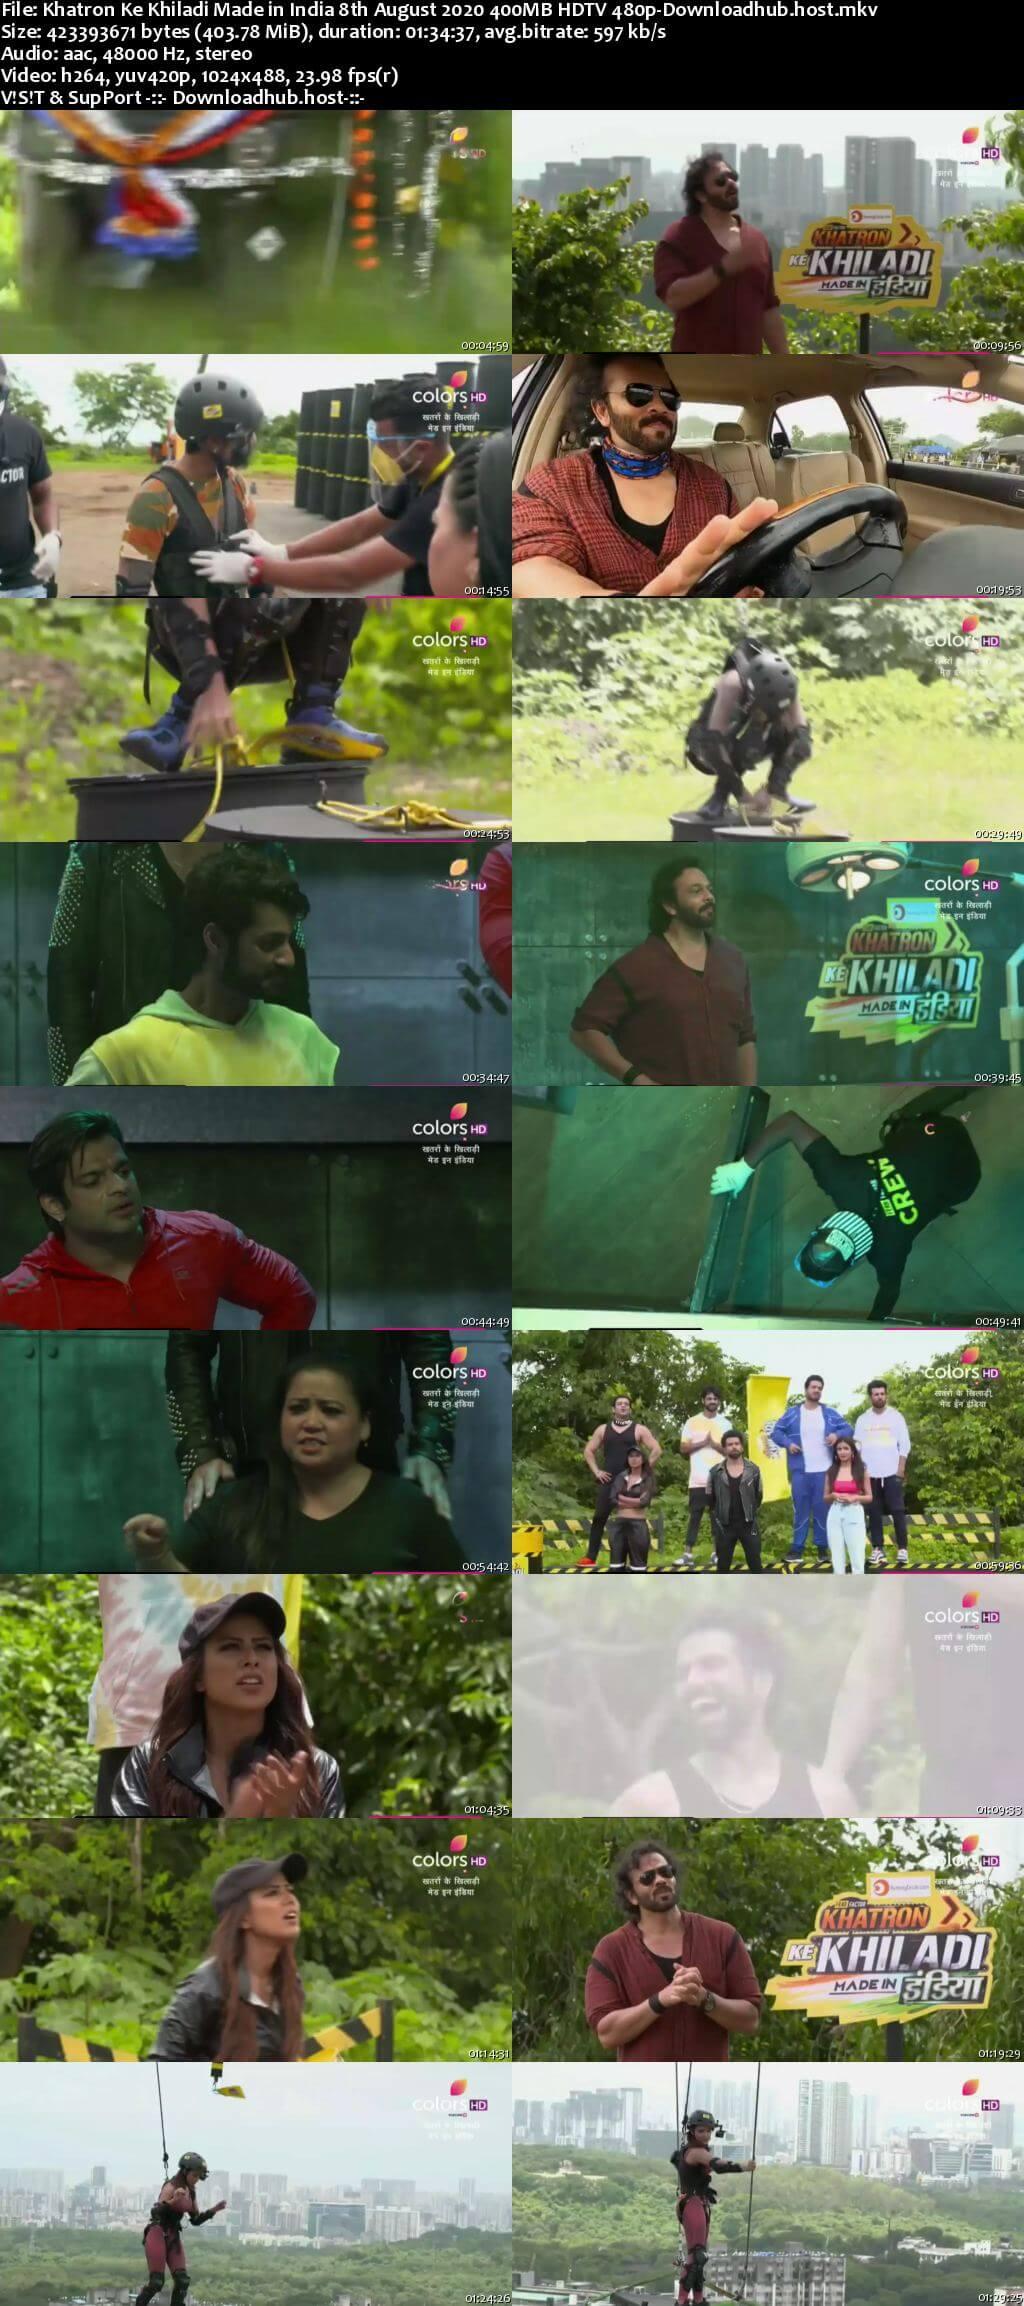 Khatron Ke Khiladi Made in India 08 August 2020 Episode 03 HDTV 480p